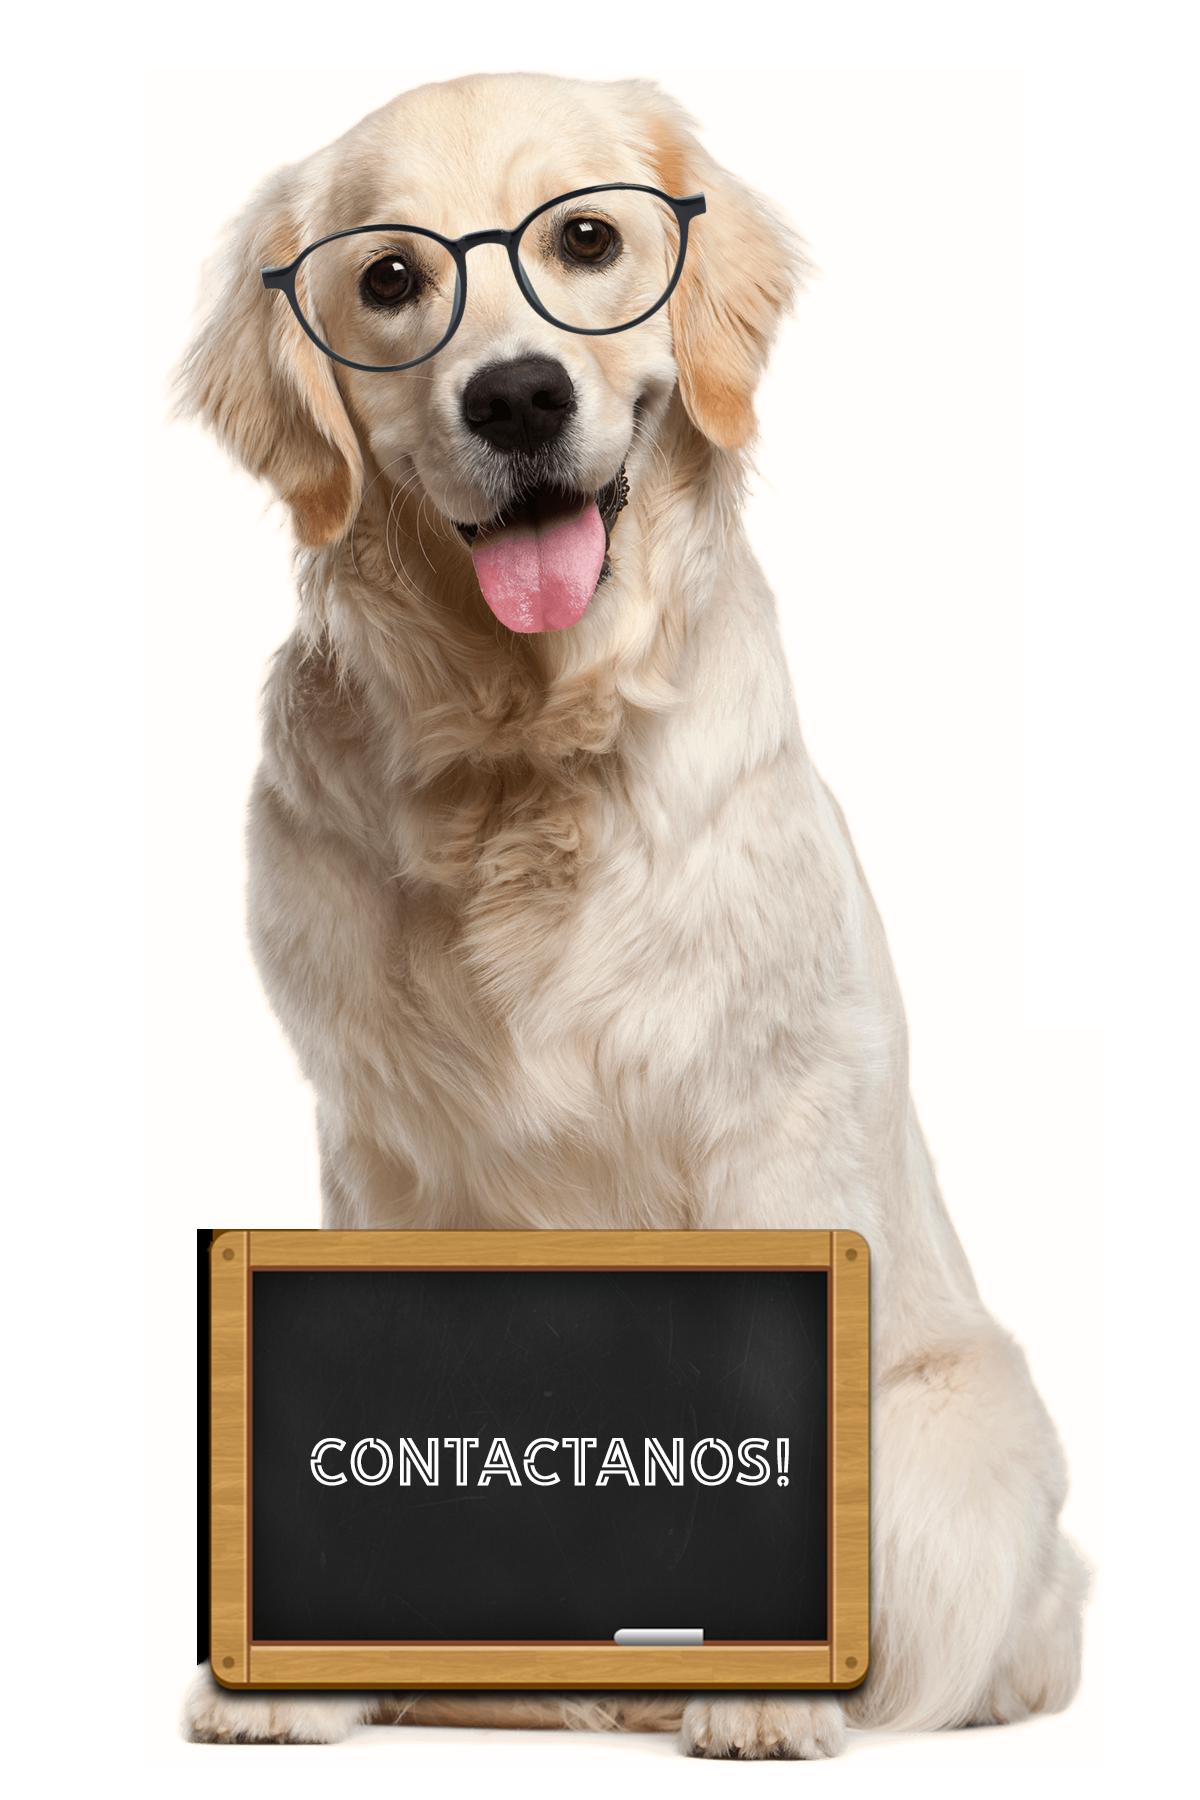 contactanos-nuestros-clientes-labunidos-colombia-productos-para-mascotas-veterinario-agropecuario-pecuarios